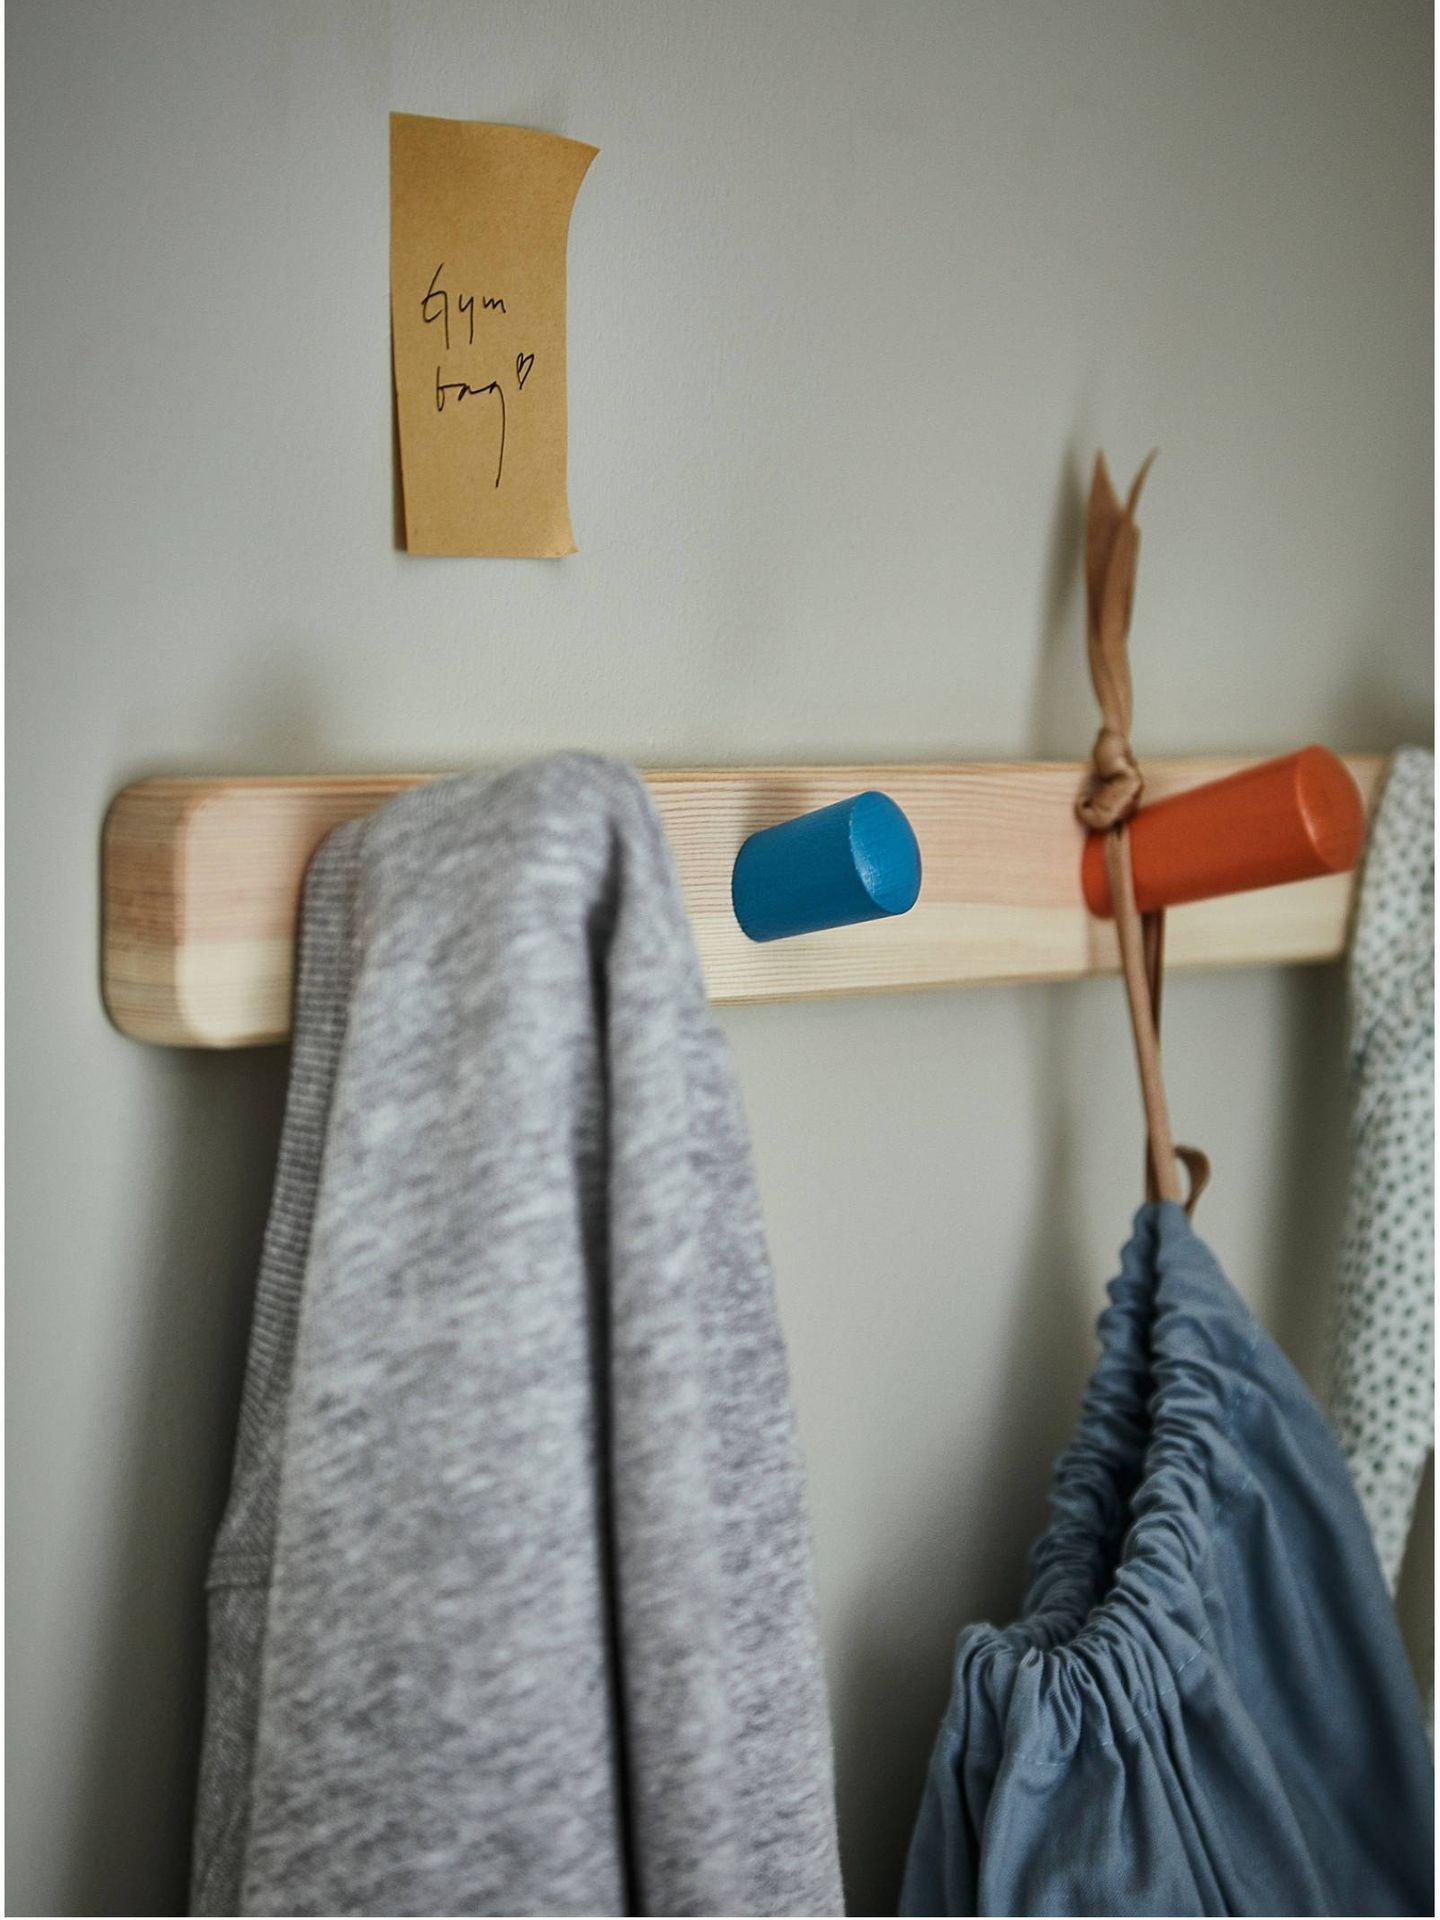 Decoración siguiendo el método Montessori en Ikea. (Cortesía)